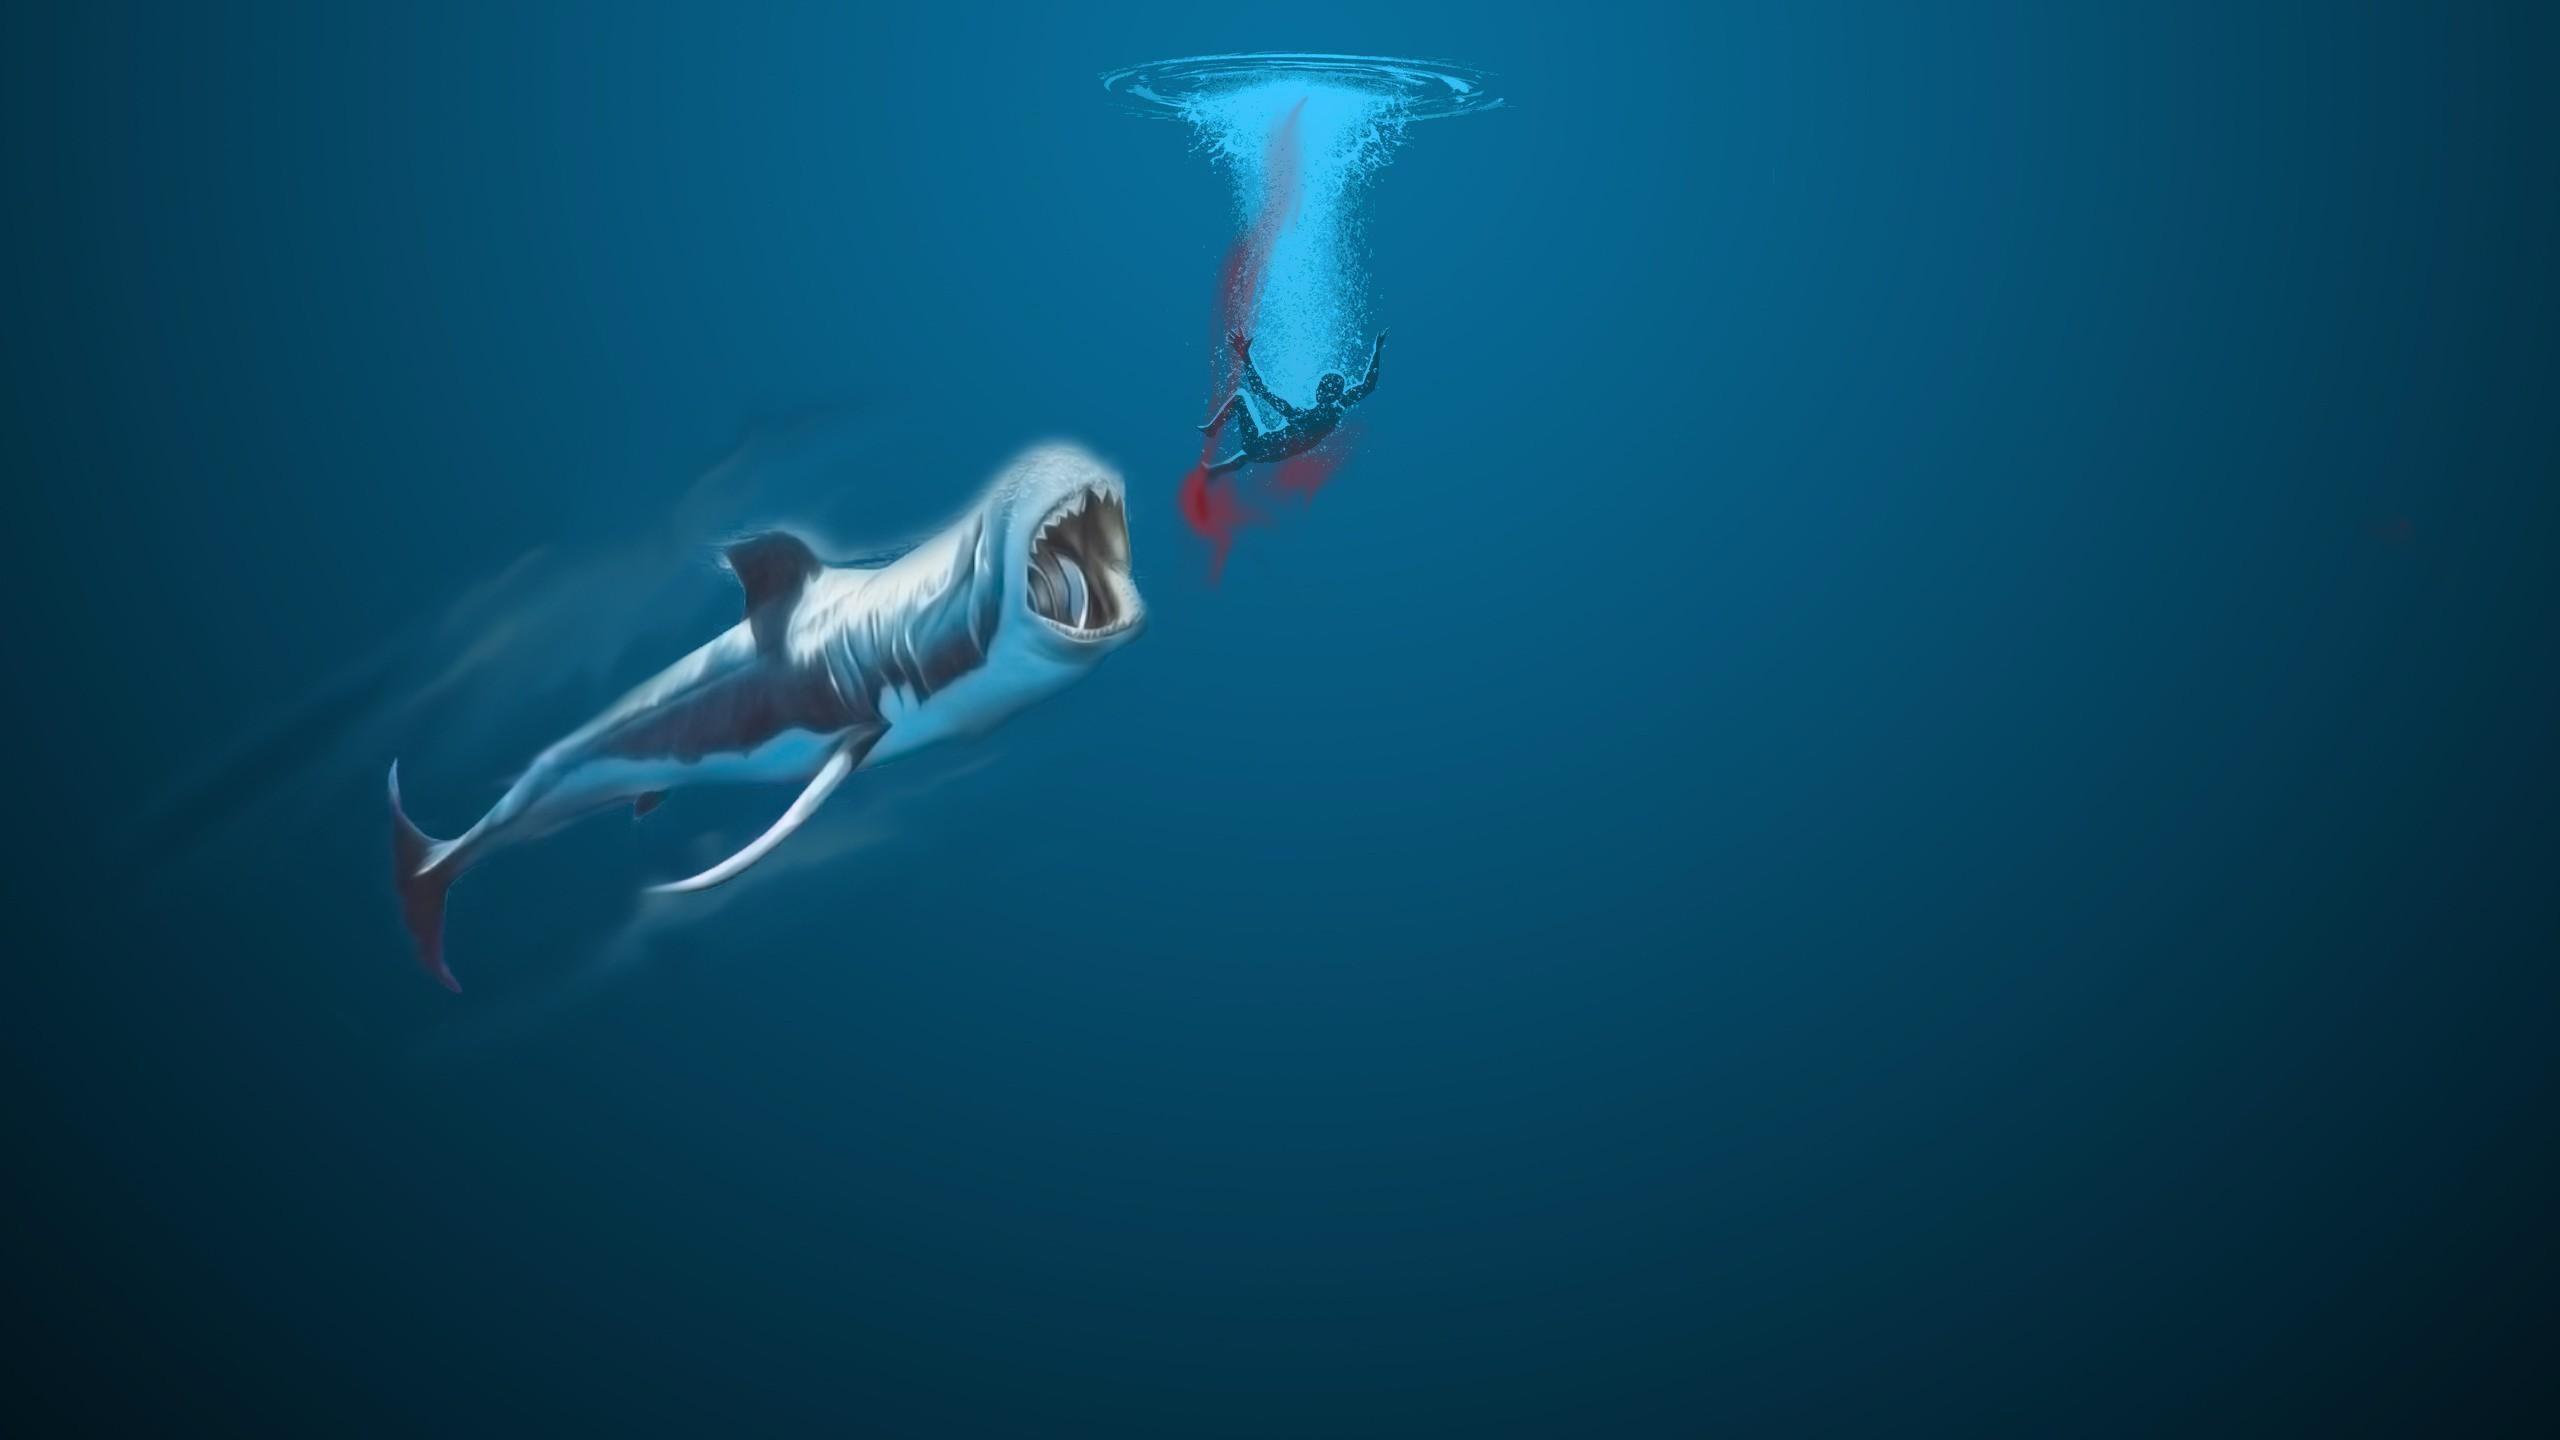 46 Shark Attack Wallpaper On Wallpapersafari